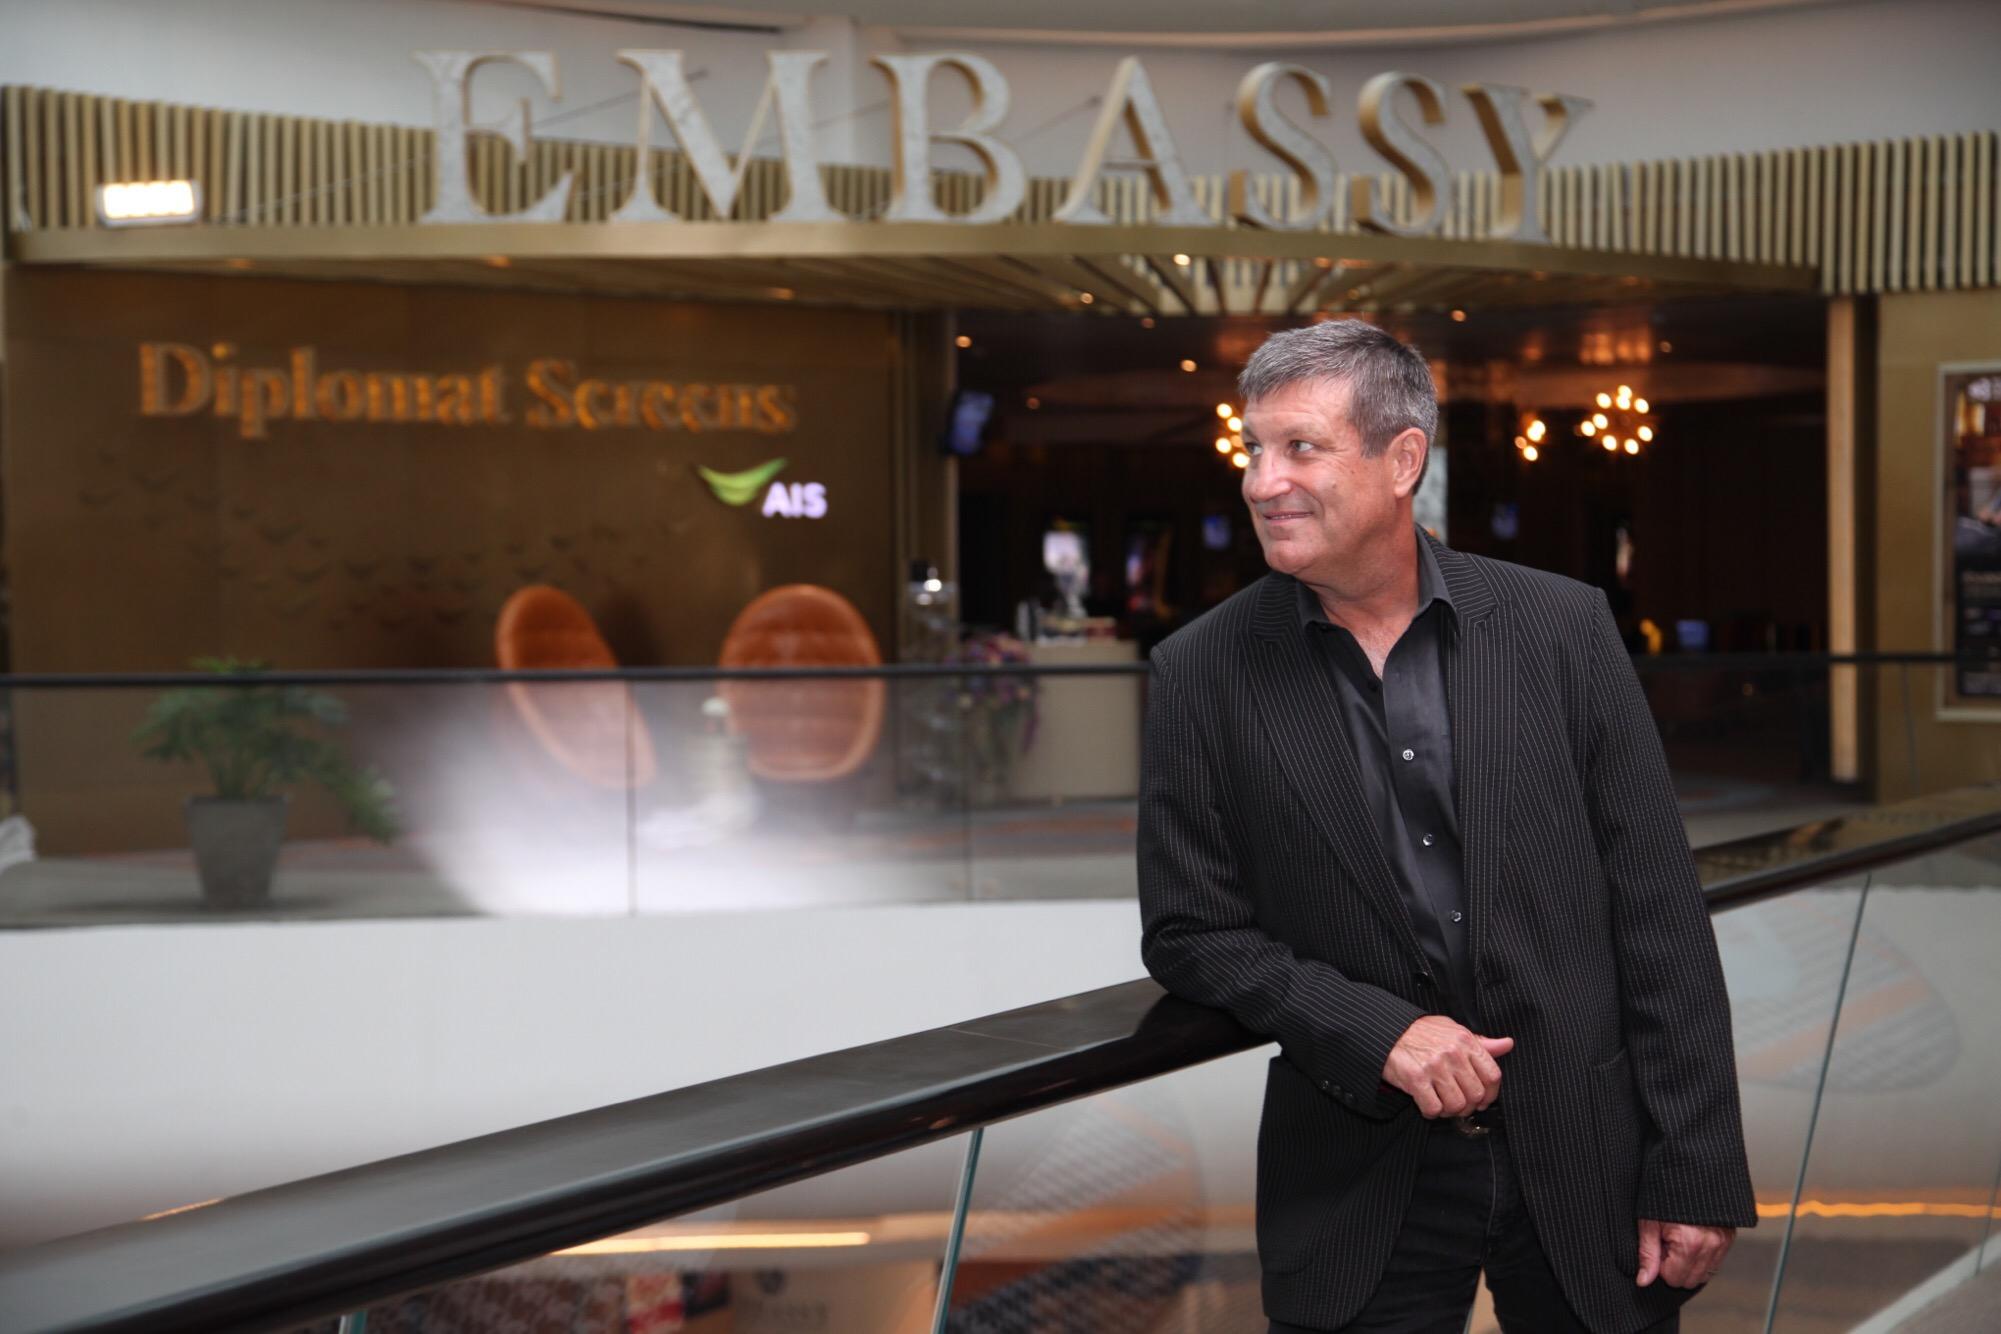 โรงภาพยนตร์ เอ็มบาสซี ดิโพลแมท สกรีน ก้าวสู่ปีที่ 3 แห่งความสำเร็จ